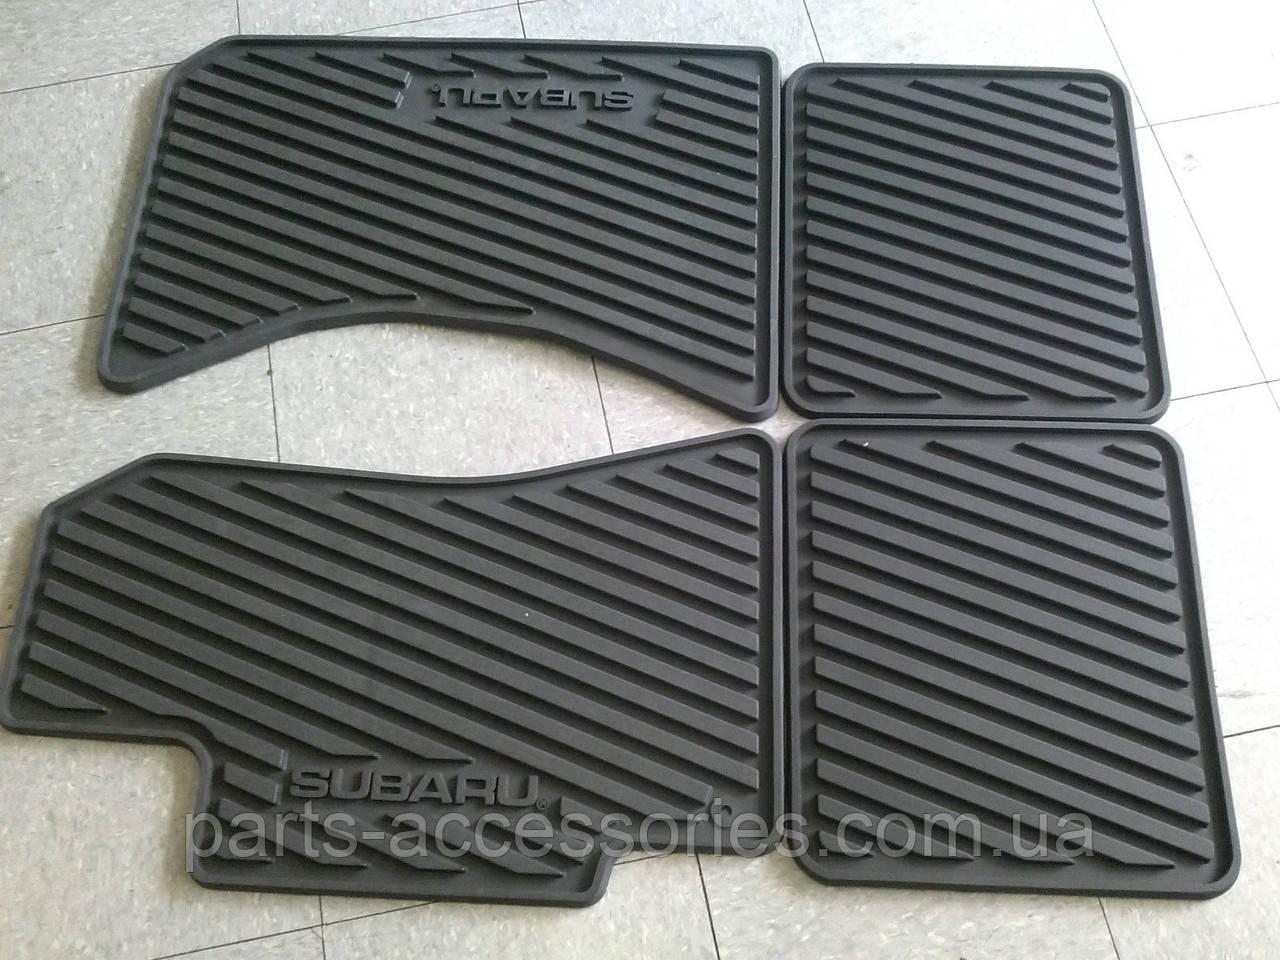 Subaru Legacy 2001-2004 коврики резиновые передние задние новые оригинальные